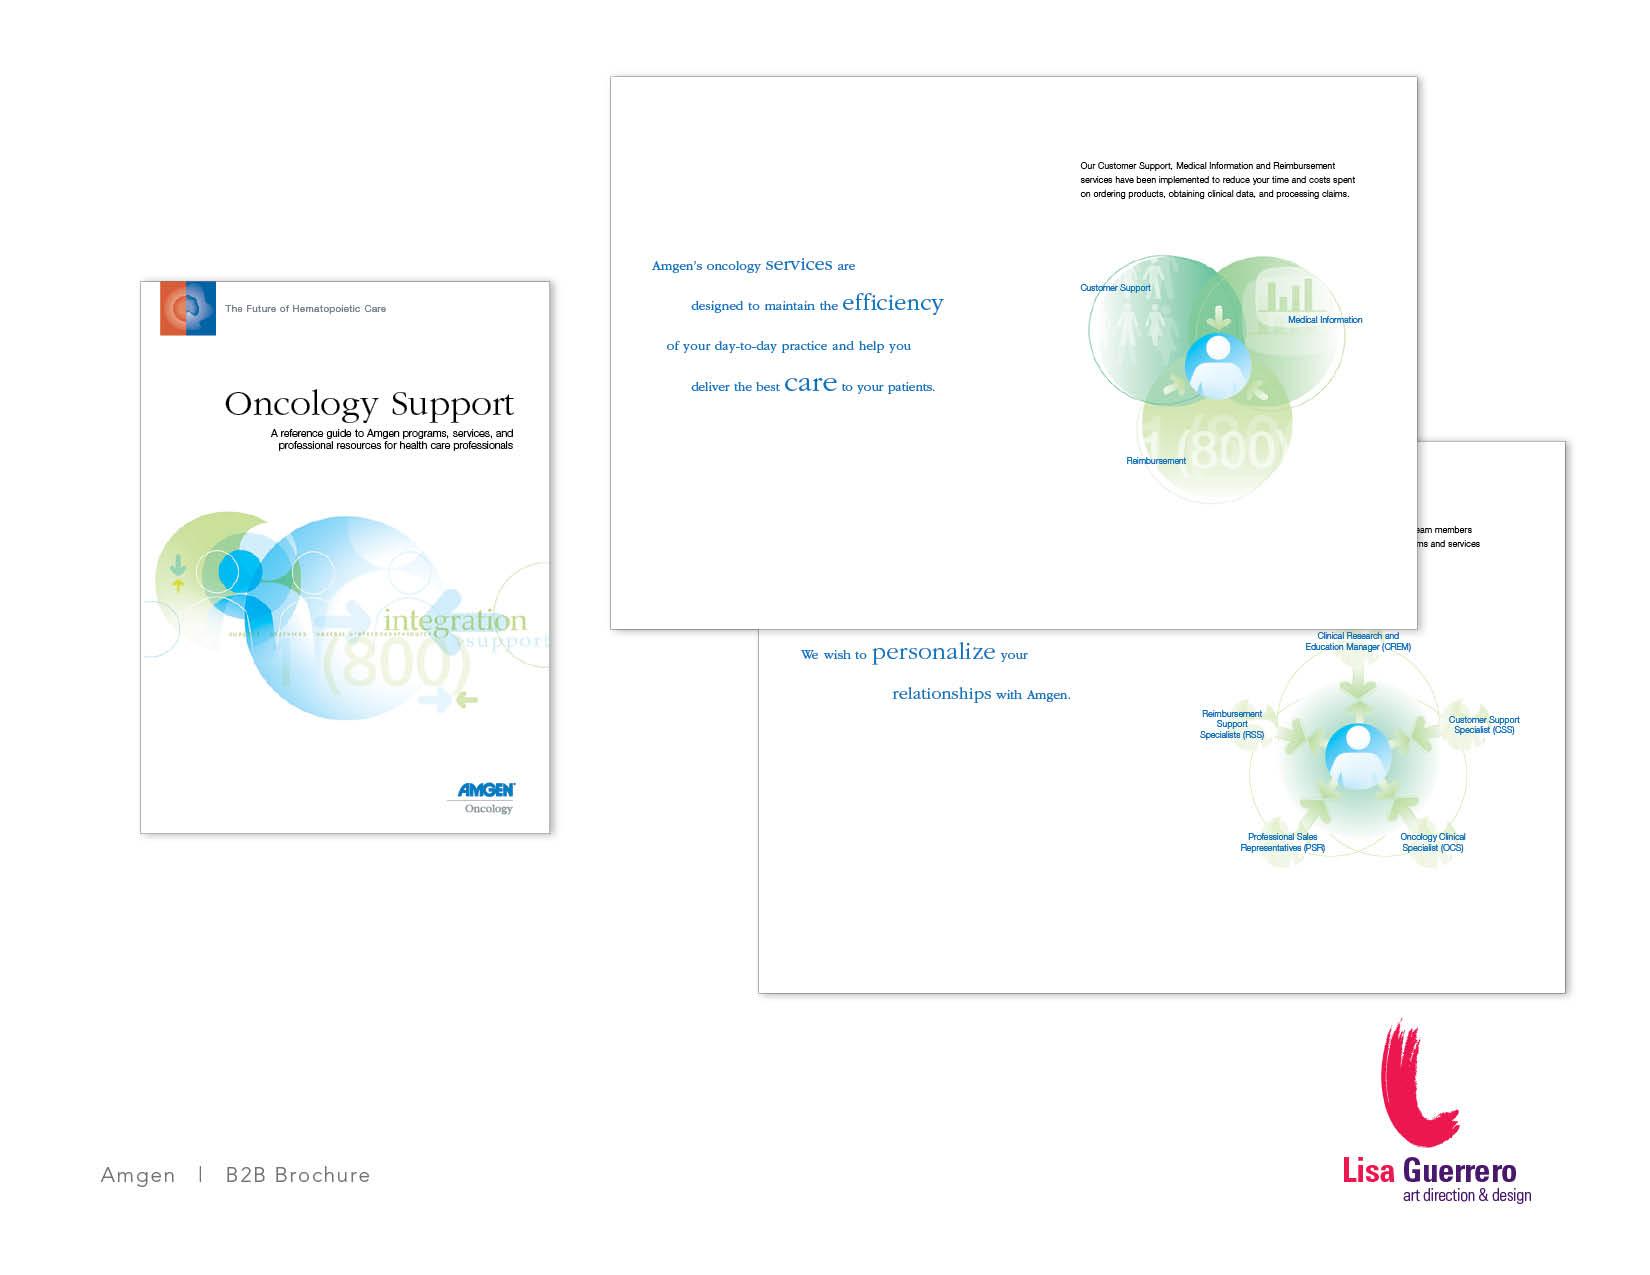 Amgen Oncology.jpg